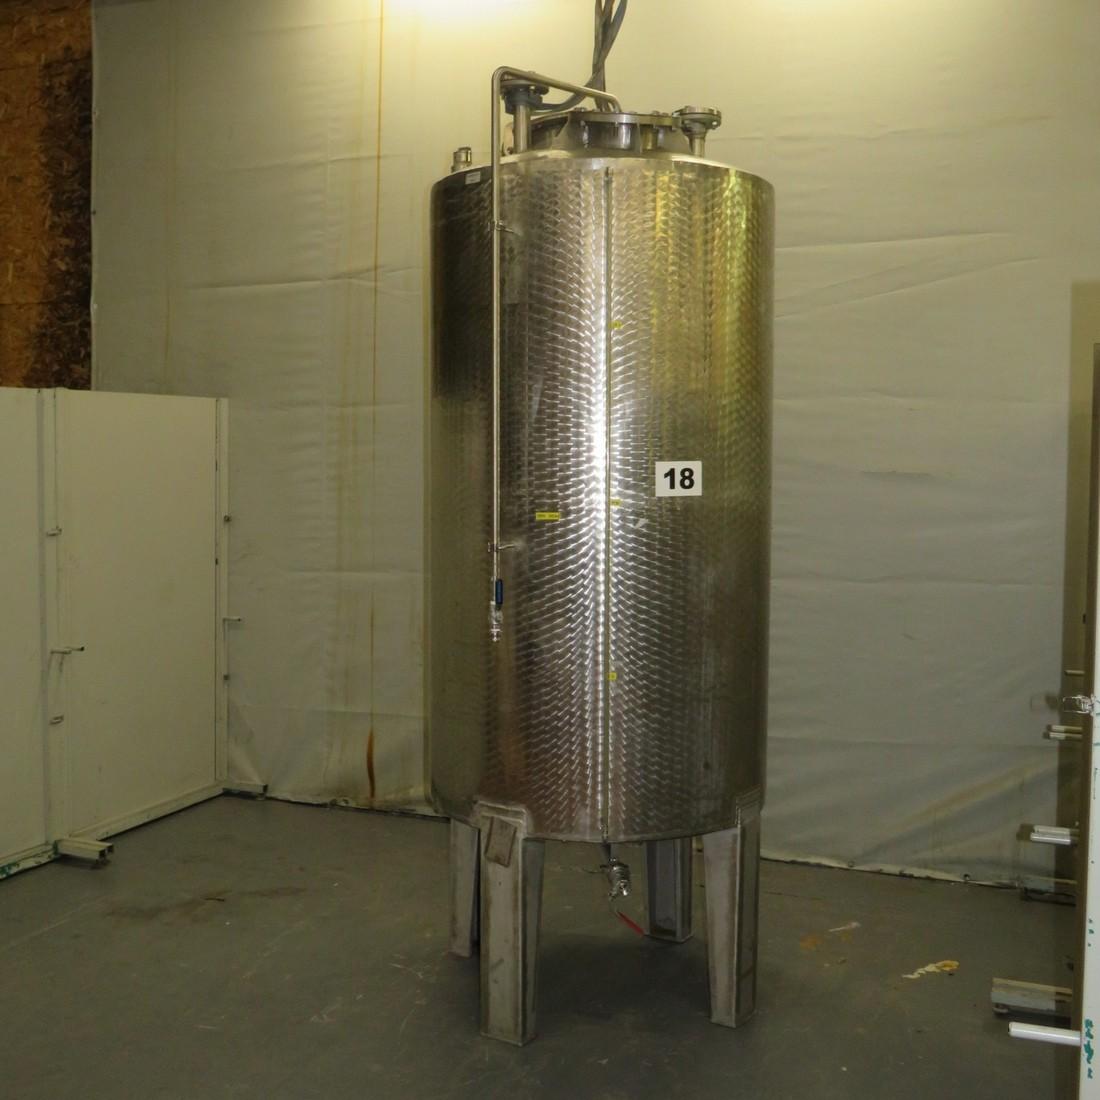 R11DB22693 Stainless steel vessel - 1850 liters